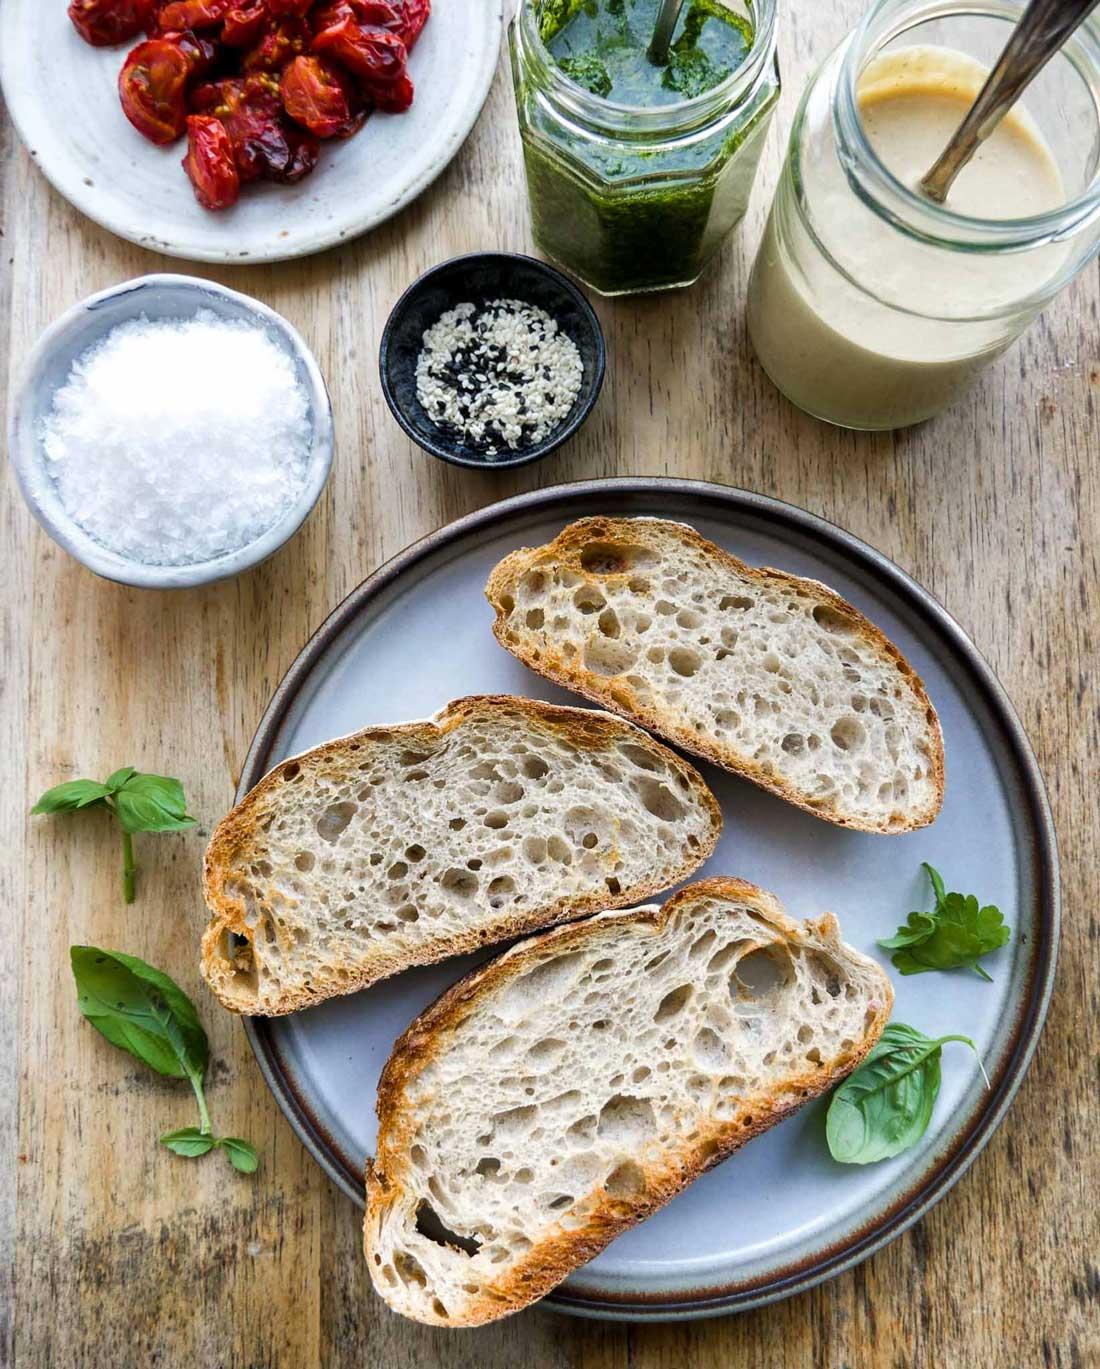 ristet brød med sunde ingredienser